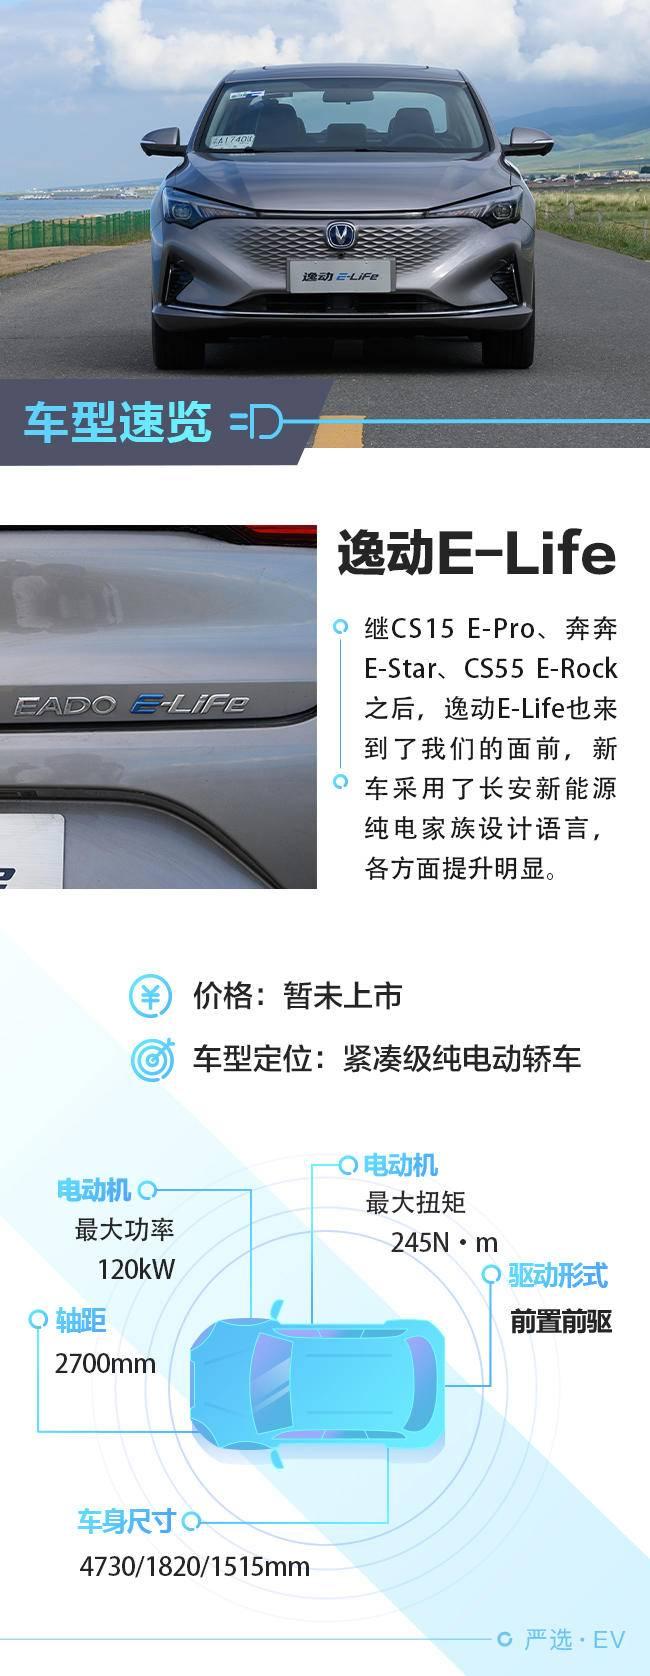 品质进阶实用至上 试长安新能源逸动E-Life